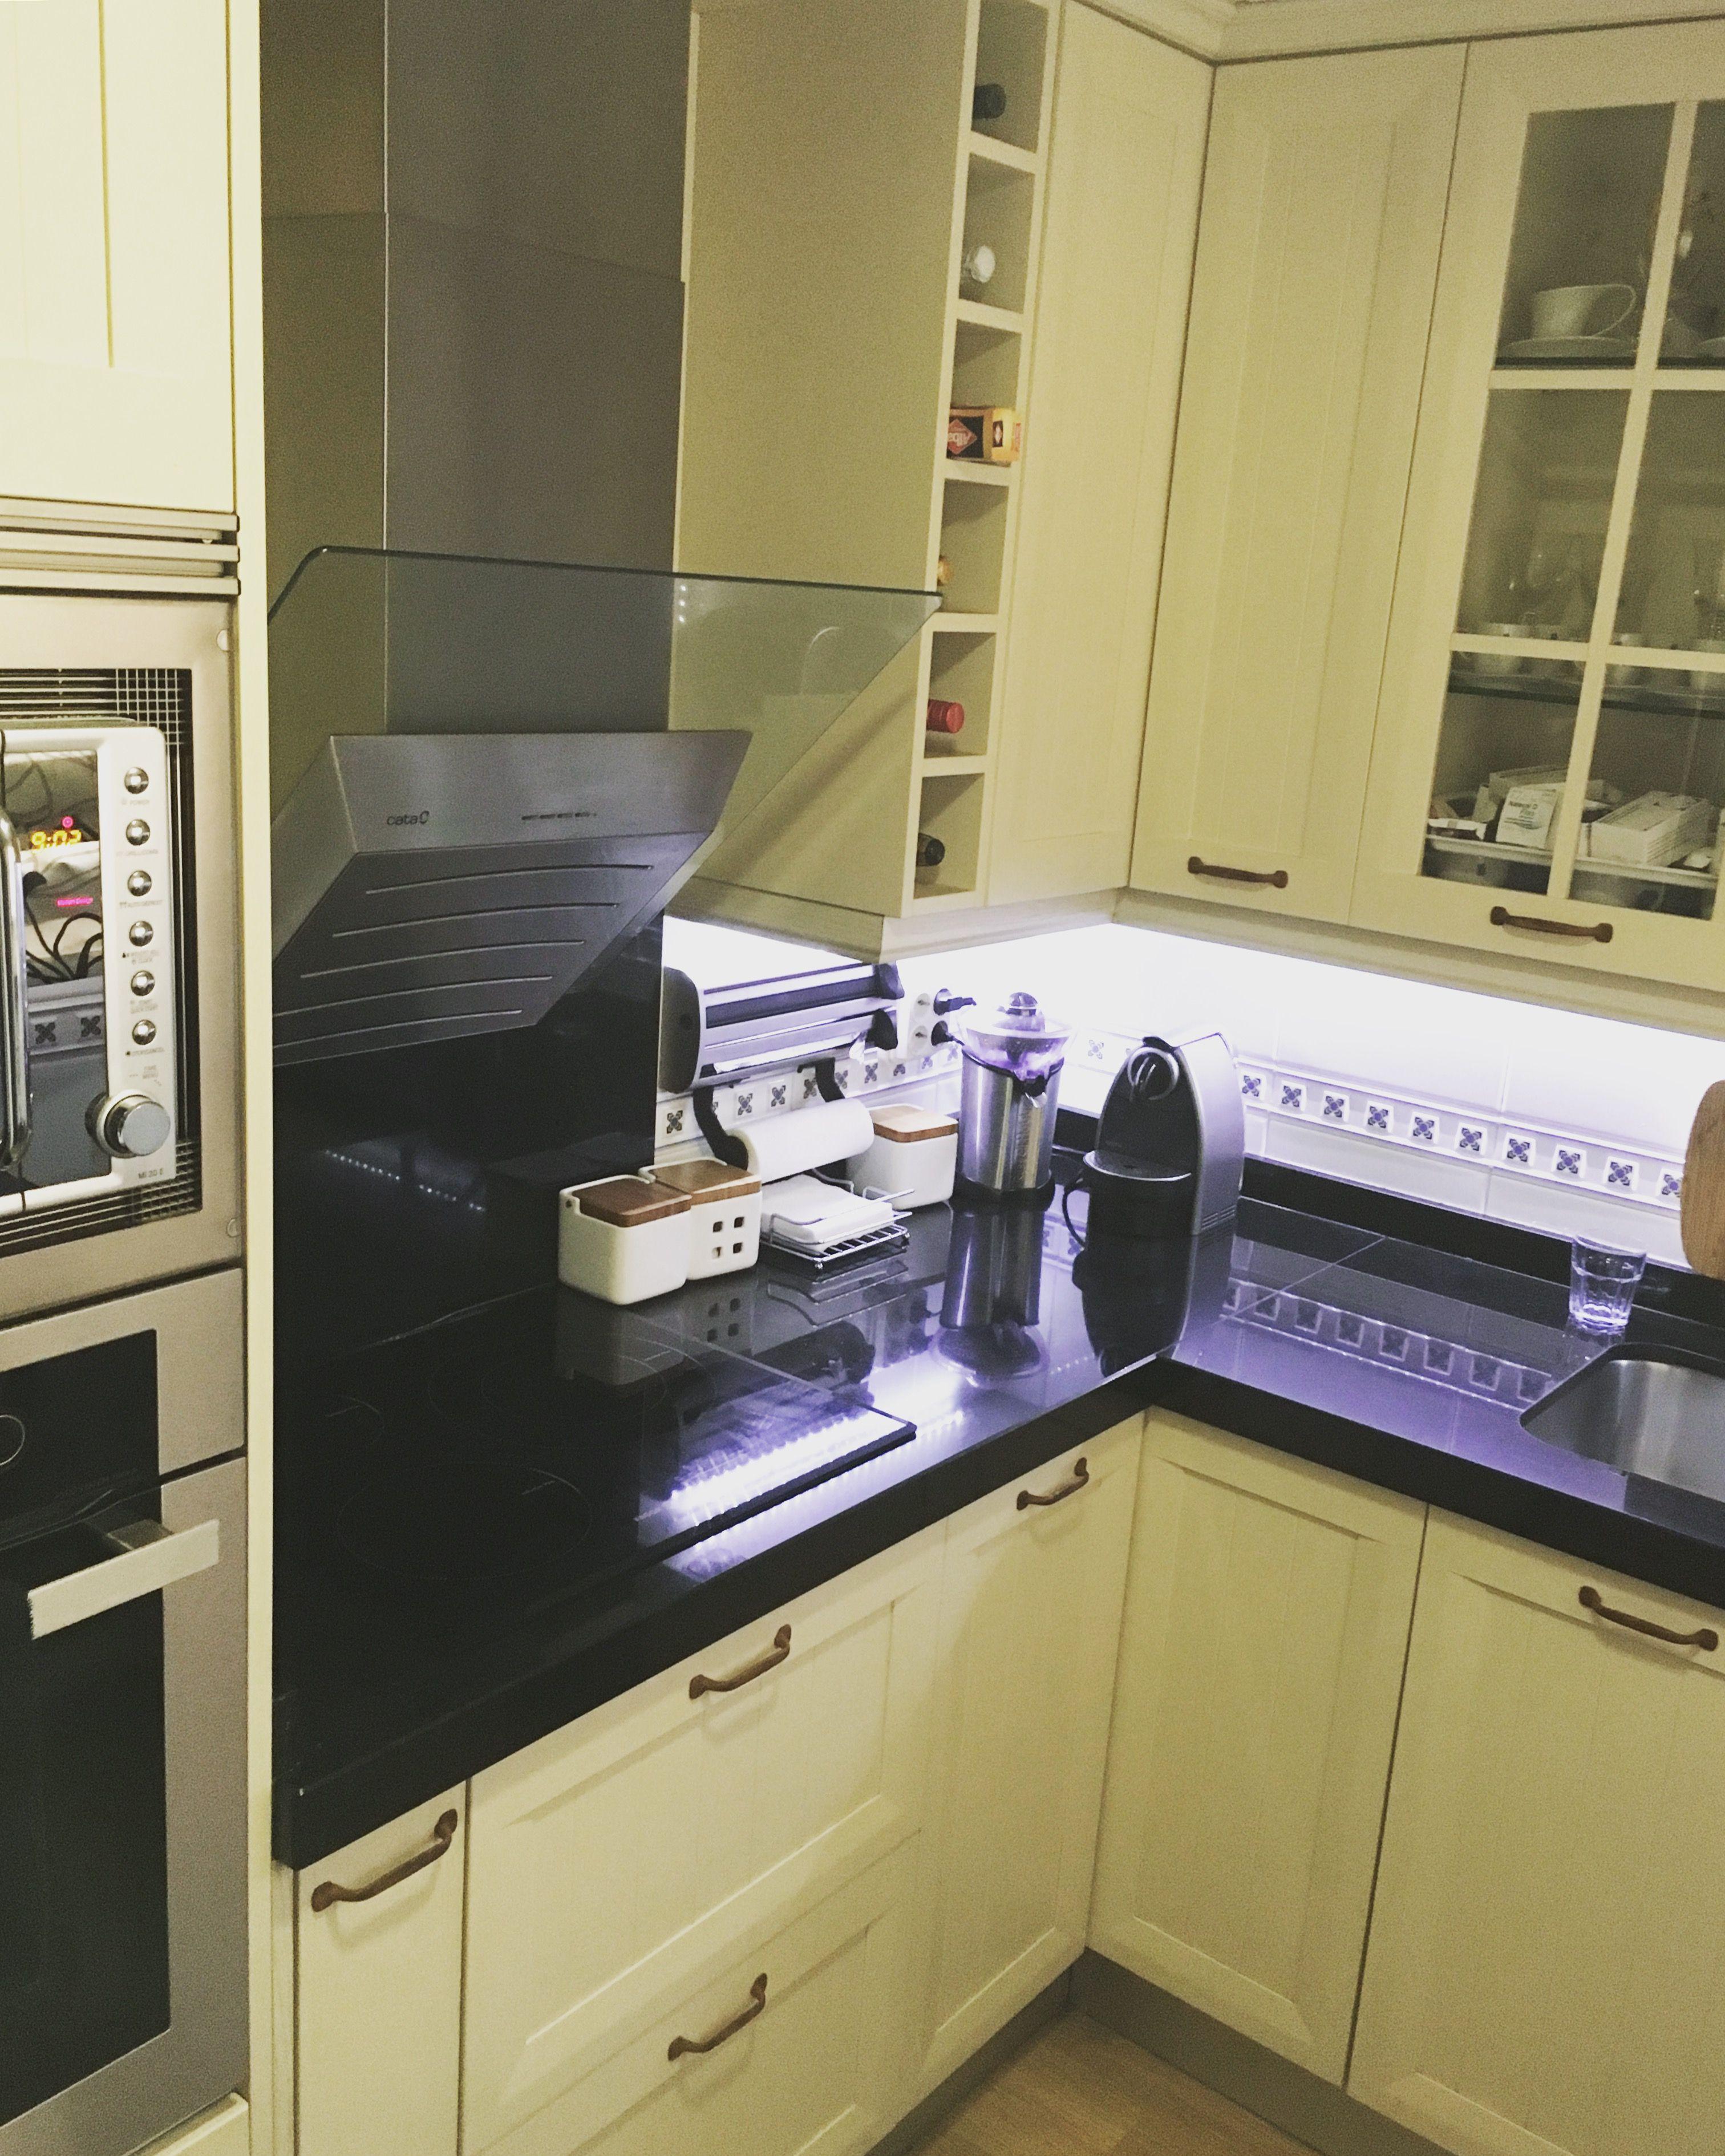 Cocina Con Puerta Cl Sica En Madera Lacada Con Poro Abierto  # Muebles Cocinas Soinco